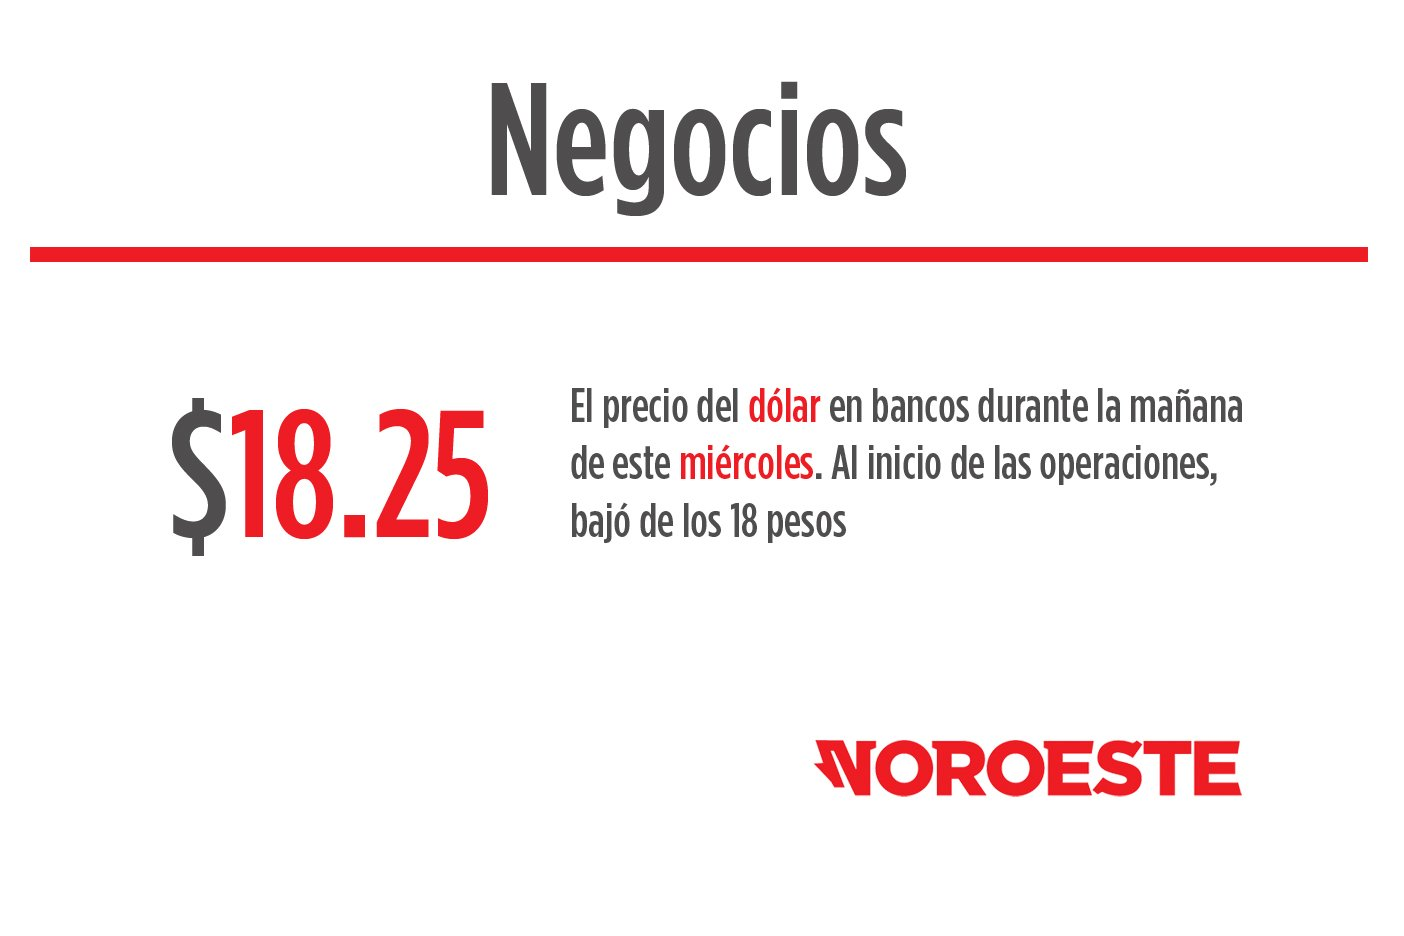 Dólar cierra este lunes en 18.45 pesos a la venta en bancos